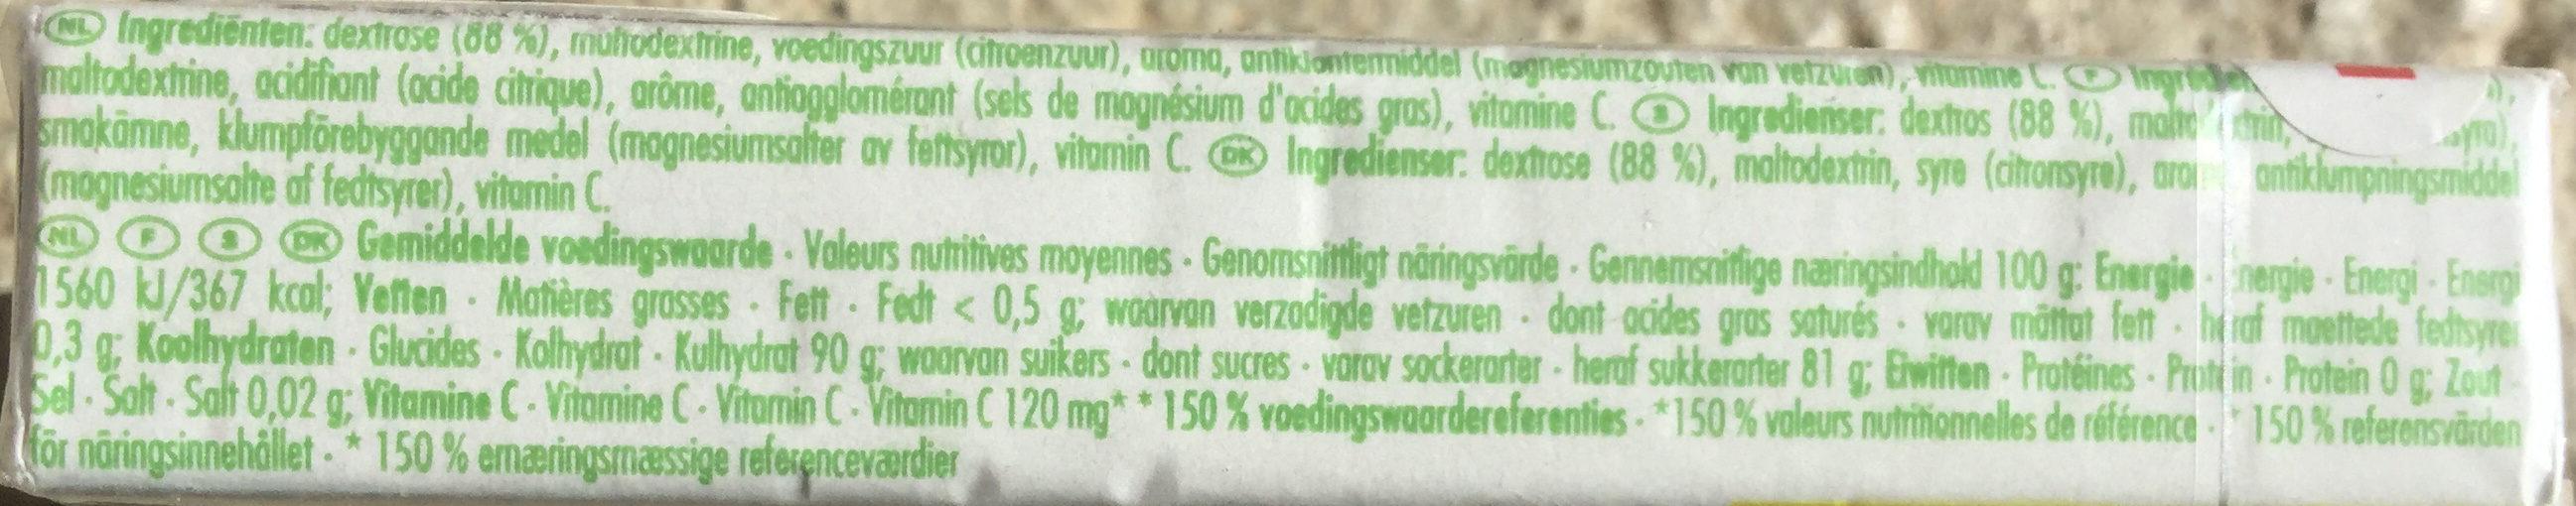 DE stick citroen/citron + vit C - Voedingswaarden